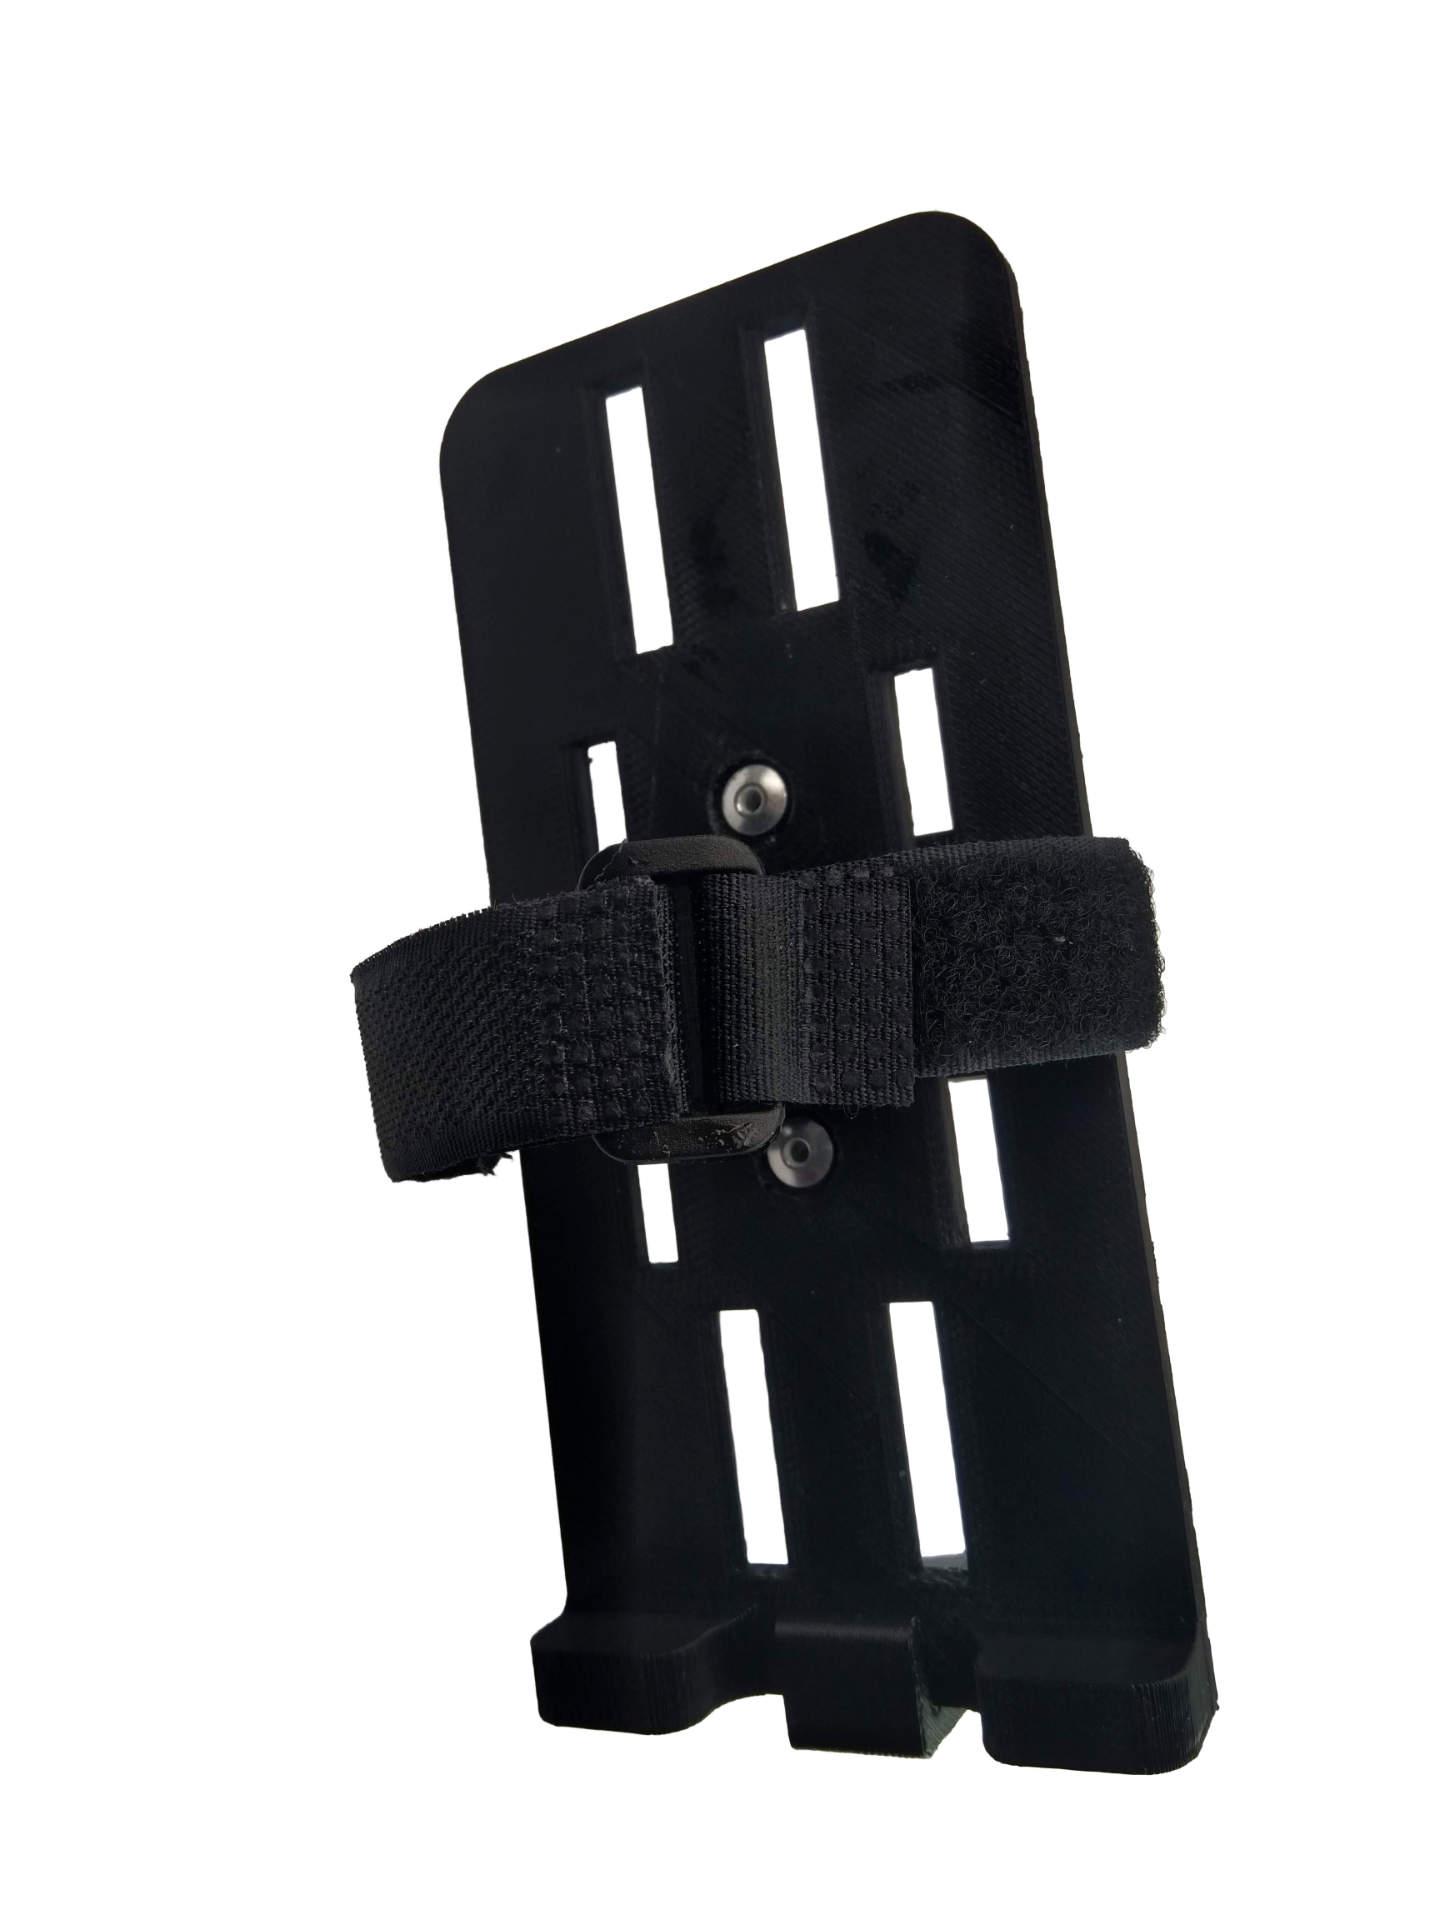 Artikelfoto FineVideo Power Grip - Stativhalterung für Netzteile